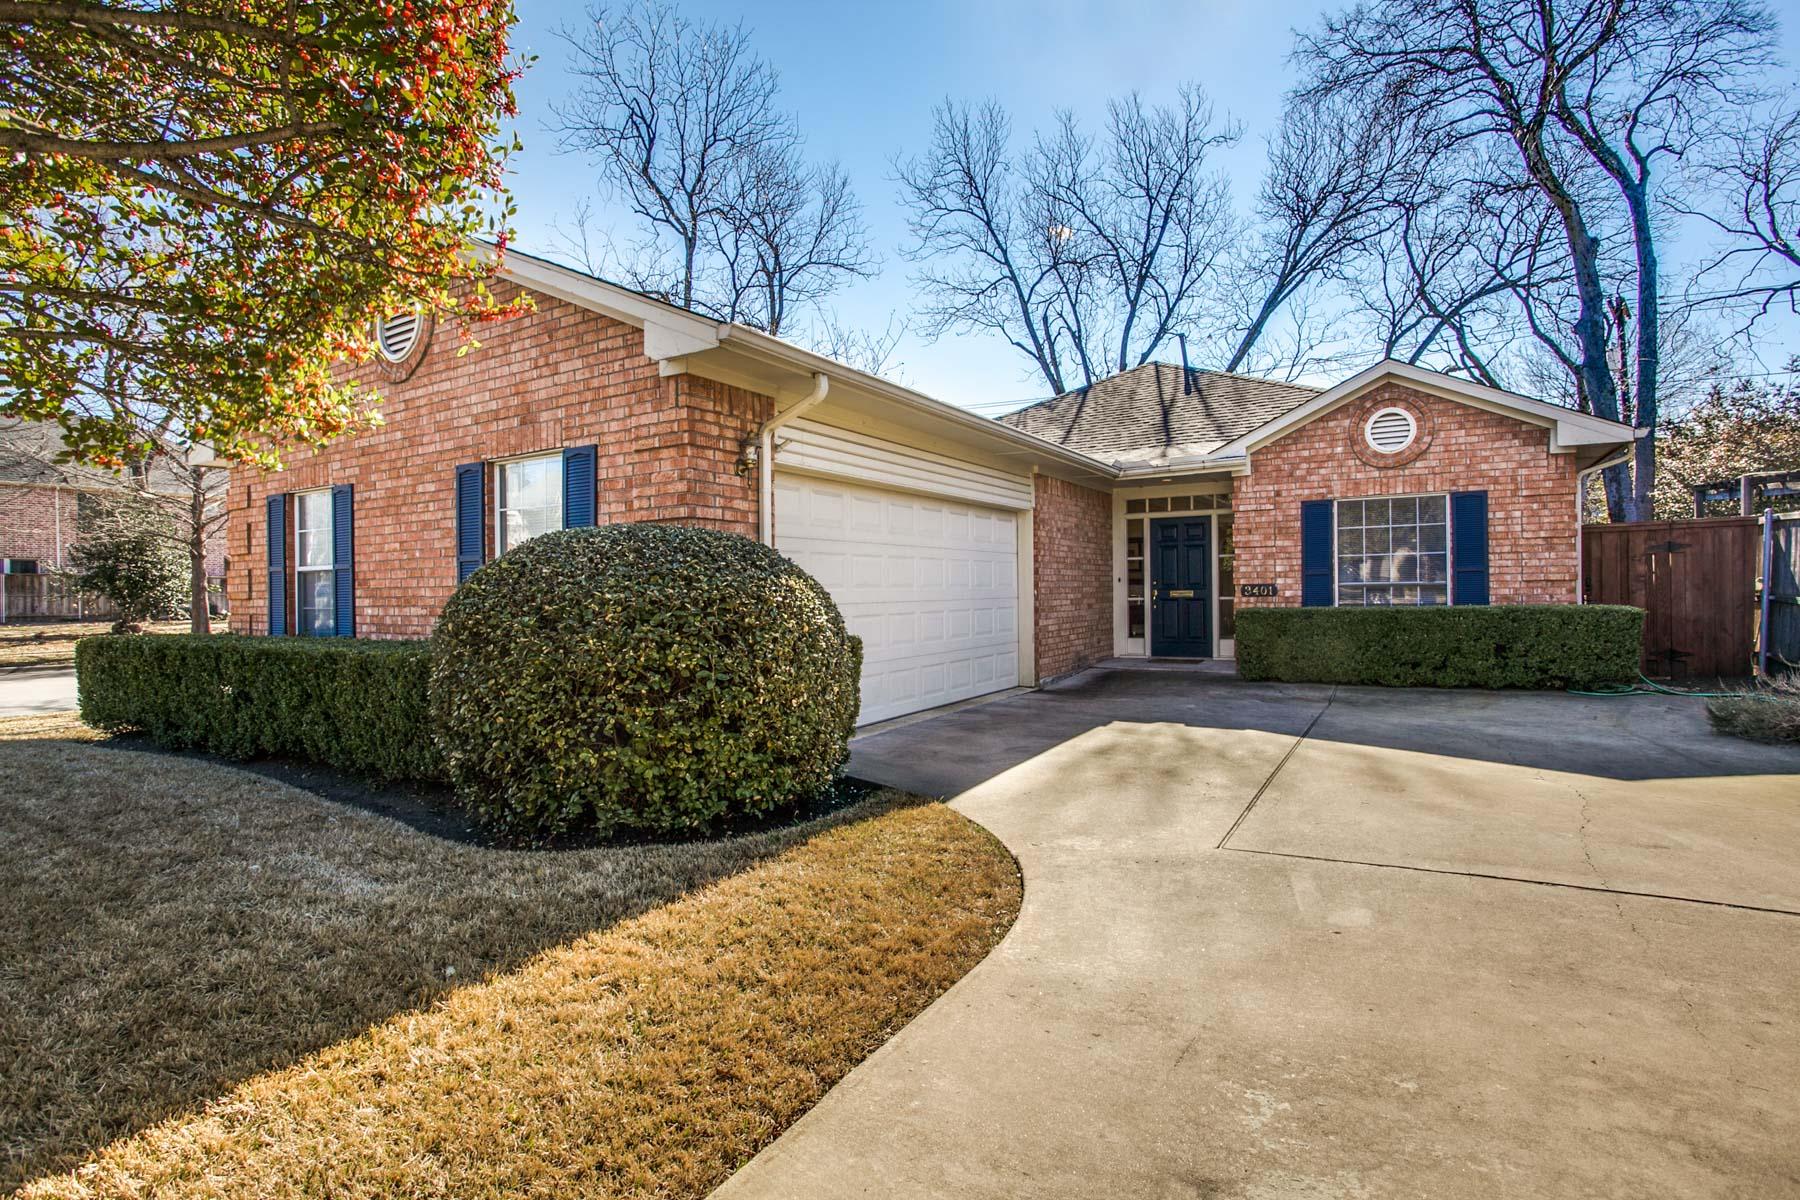 獨棟家庭住宅 為 出售 在 3401 Amherst Ave, Dallas Dallas, 德克薩斯州, 75225 美國